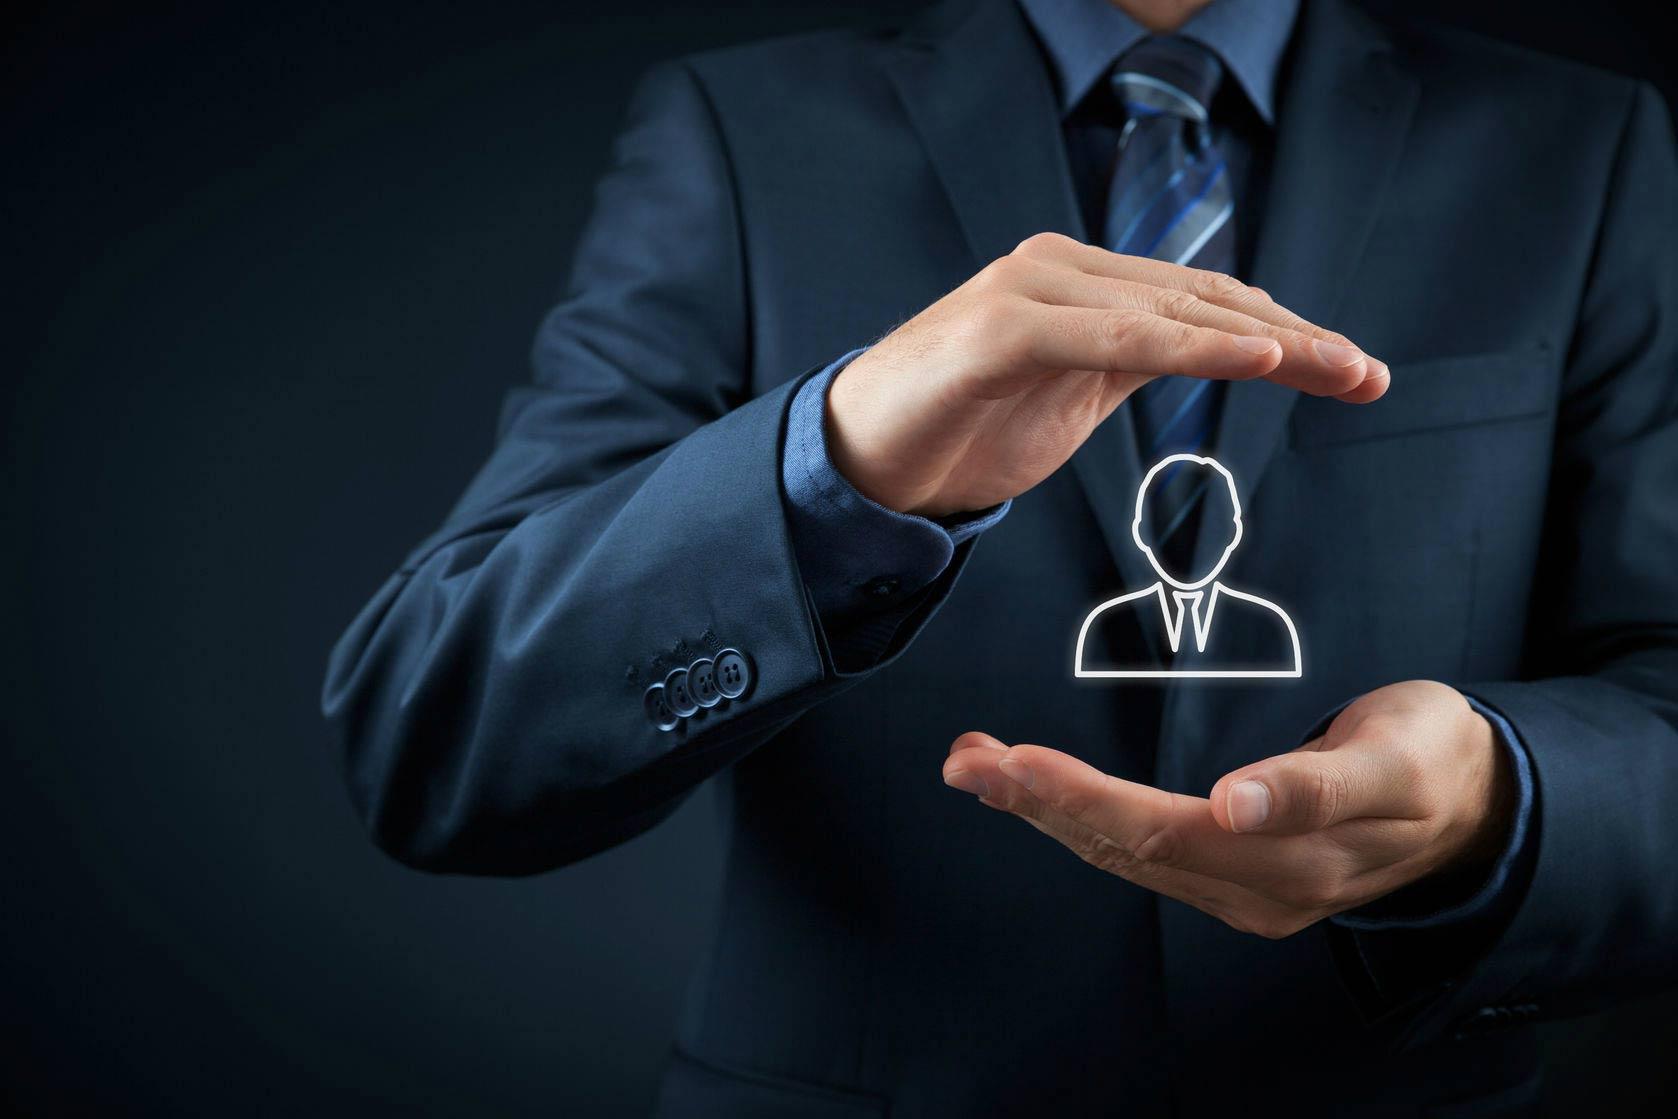 Вебинар: Брендинг для собственников бизнеса, упаковка со смыслом